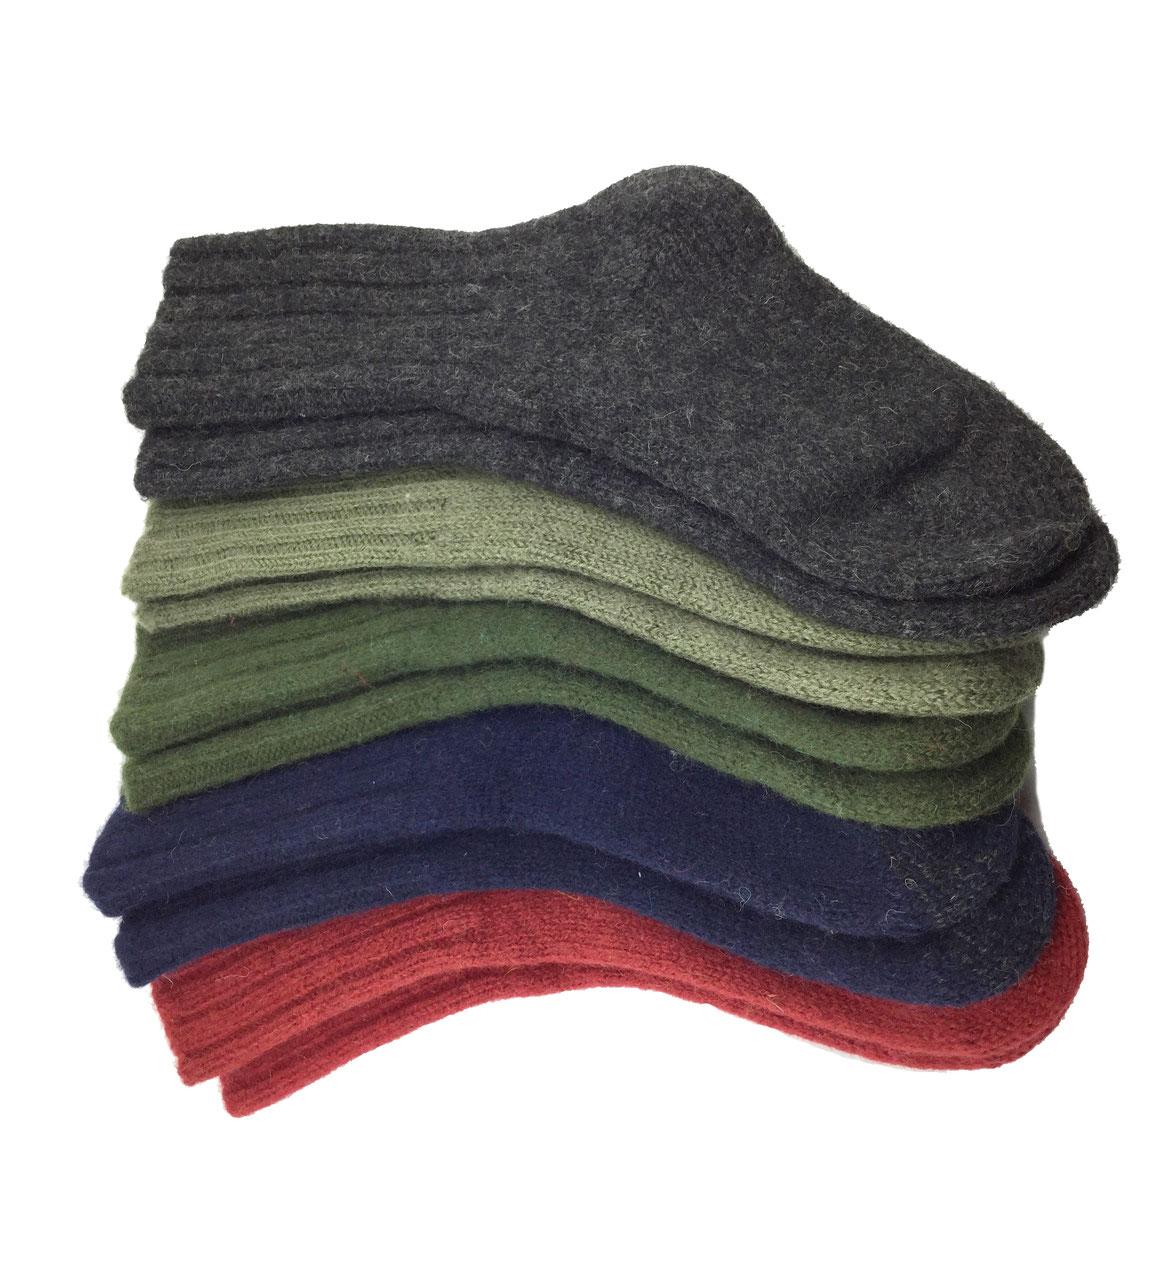 062fe1c87dc Dachstein Woolwear Austrian Warm Wool Socks - Sweater Chalet